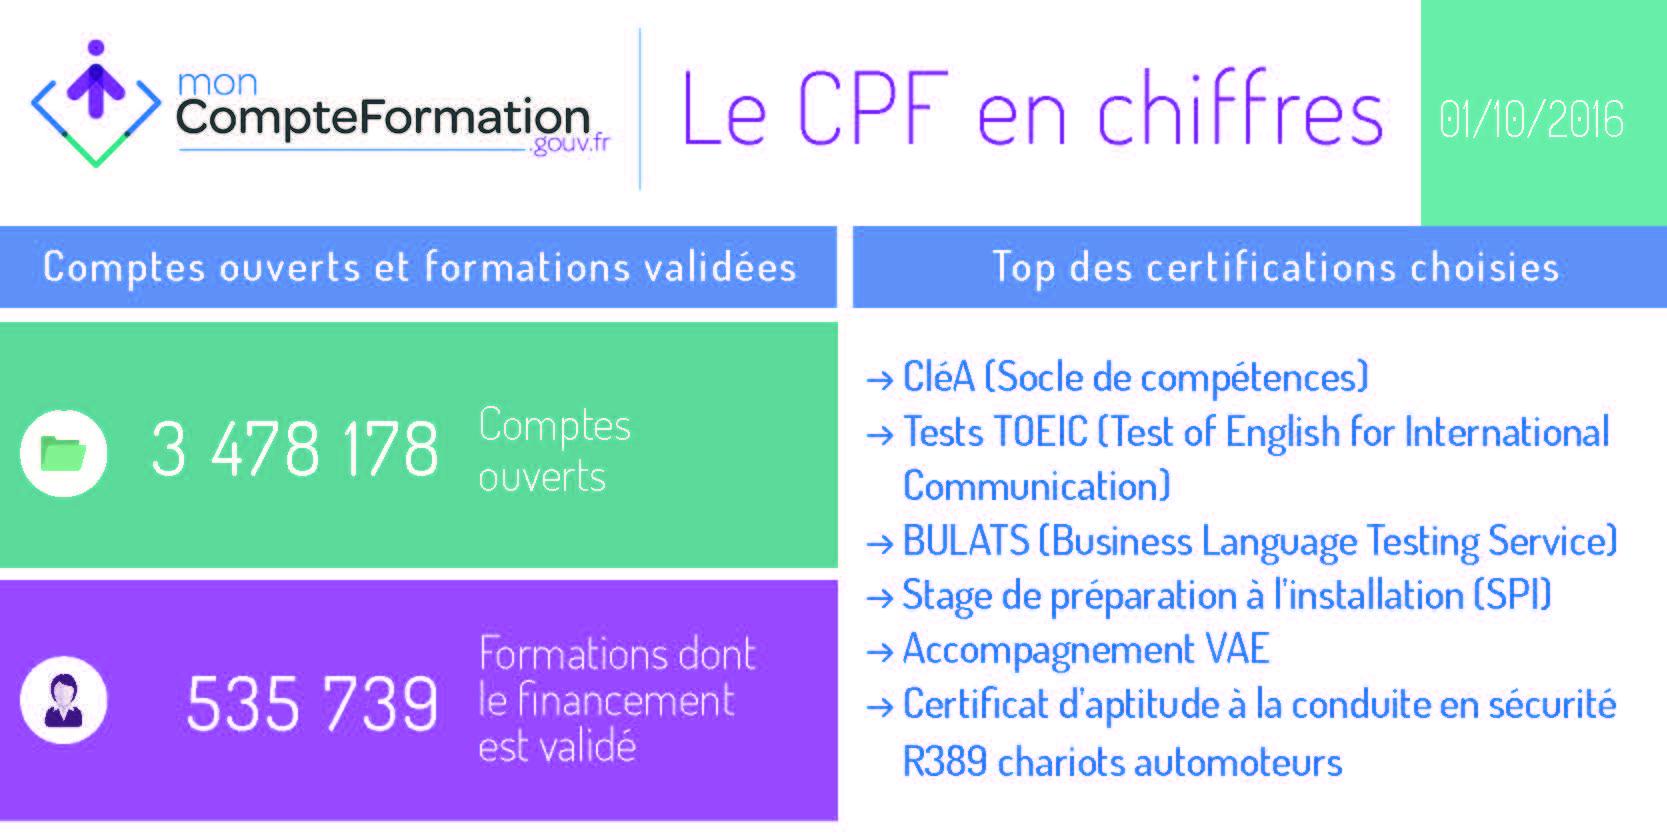 Certifications choisies pour un CPF